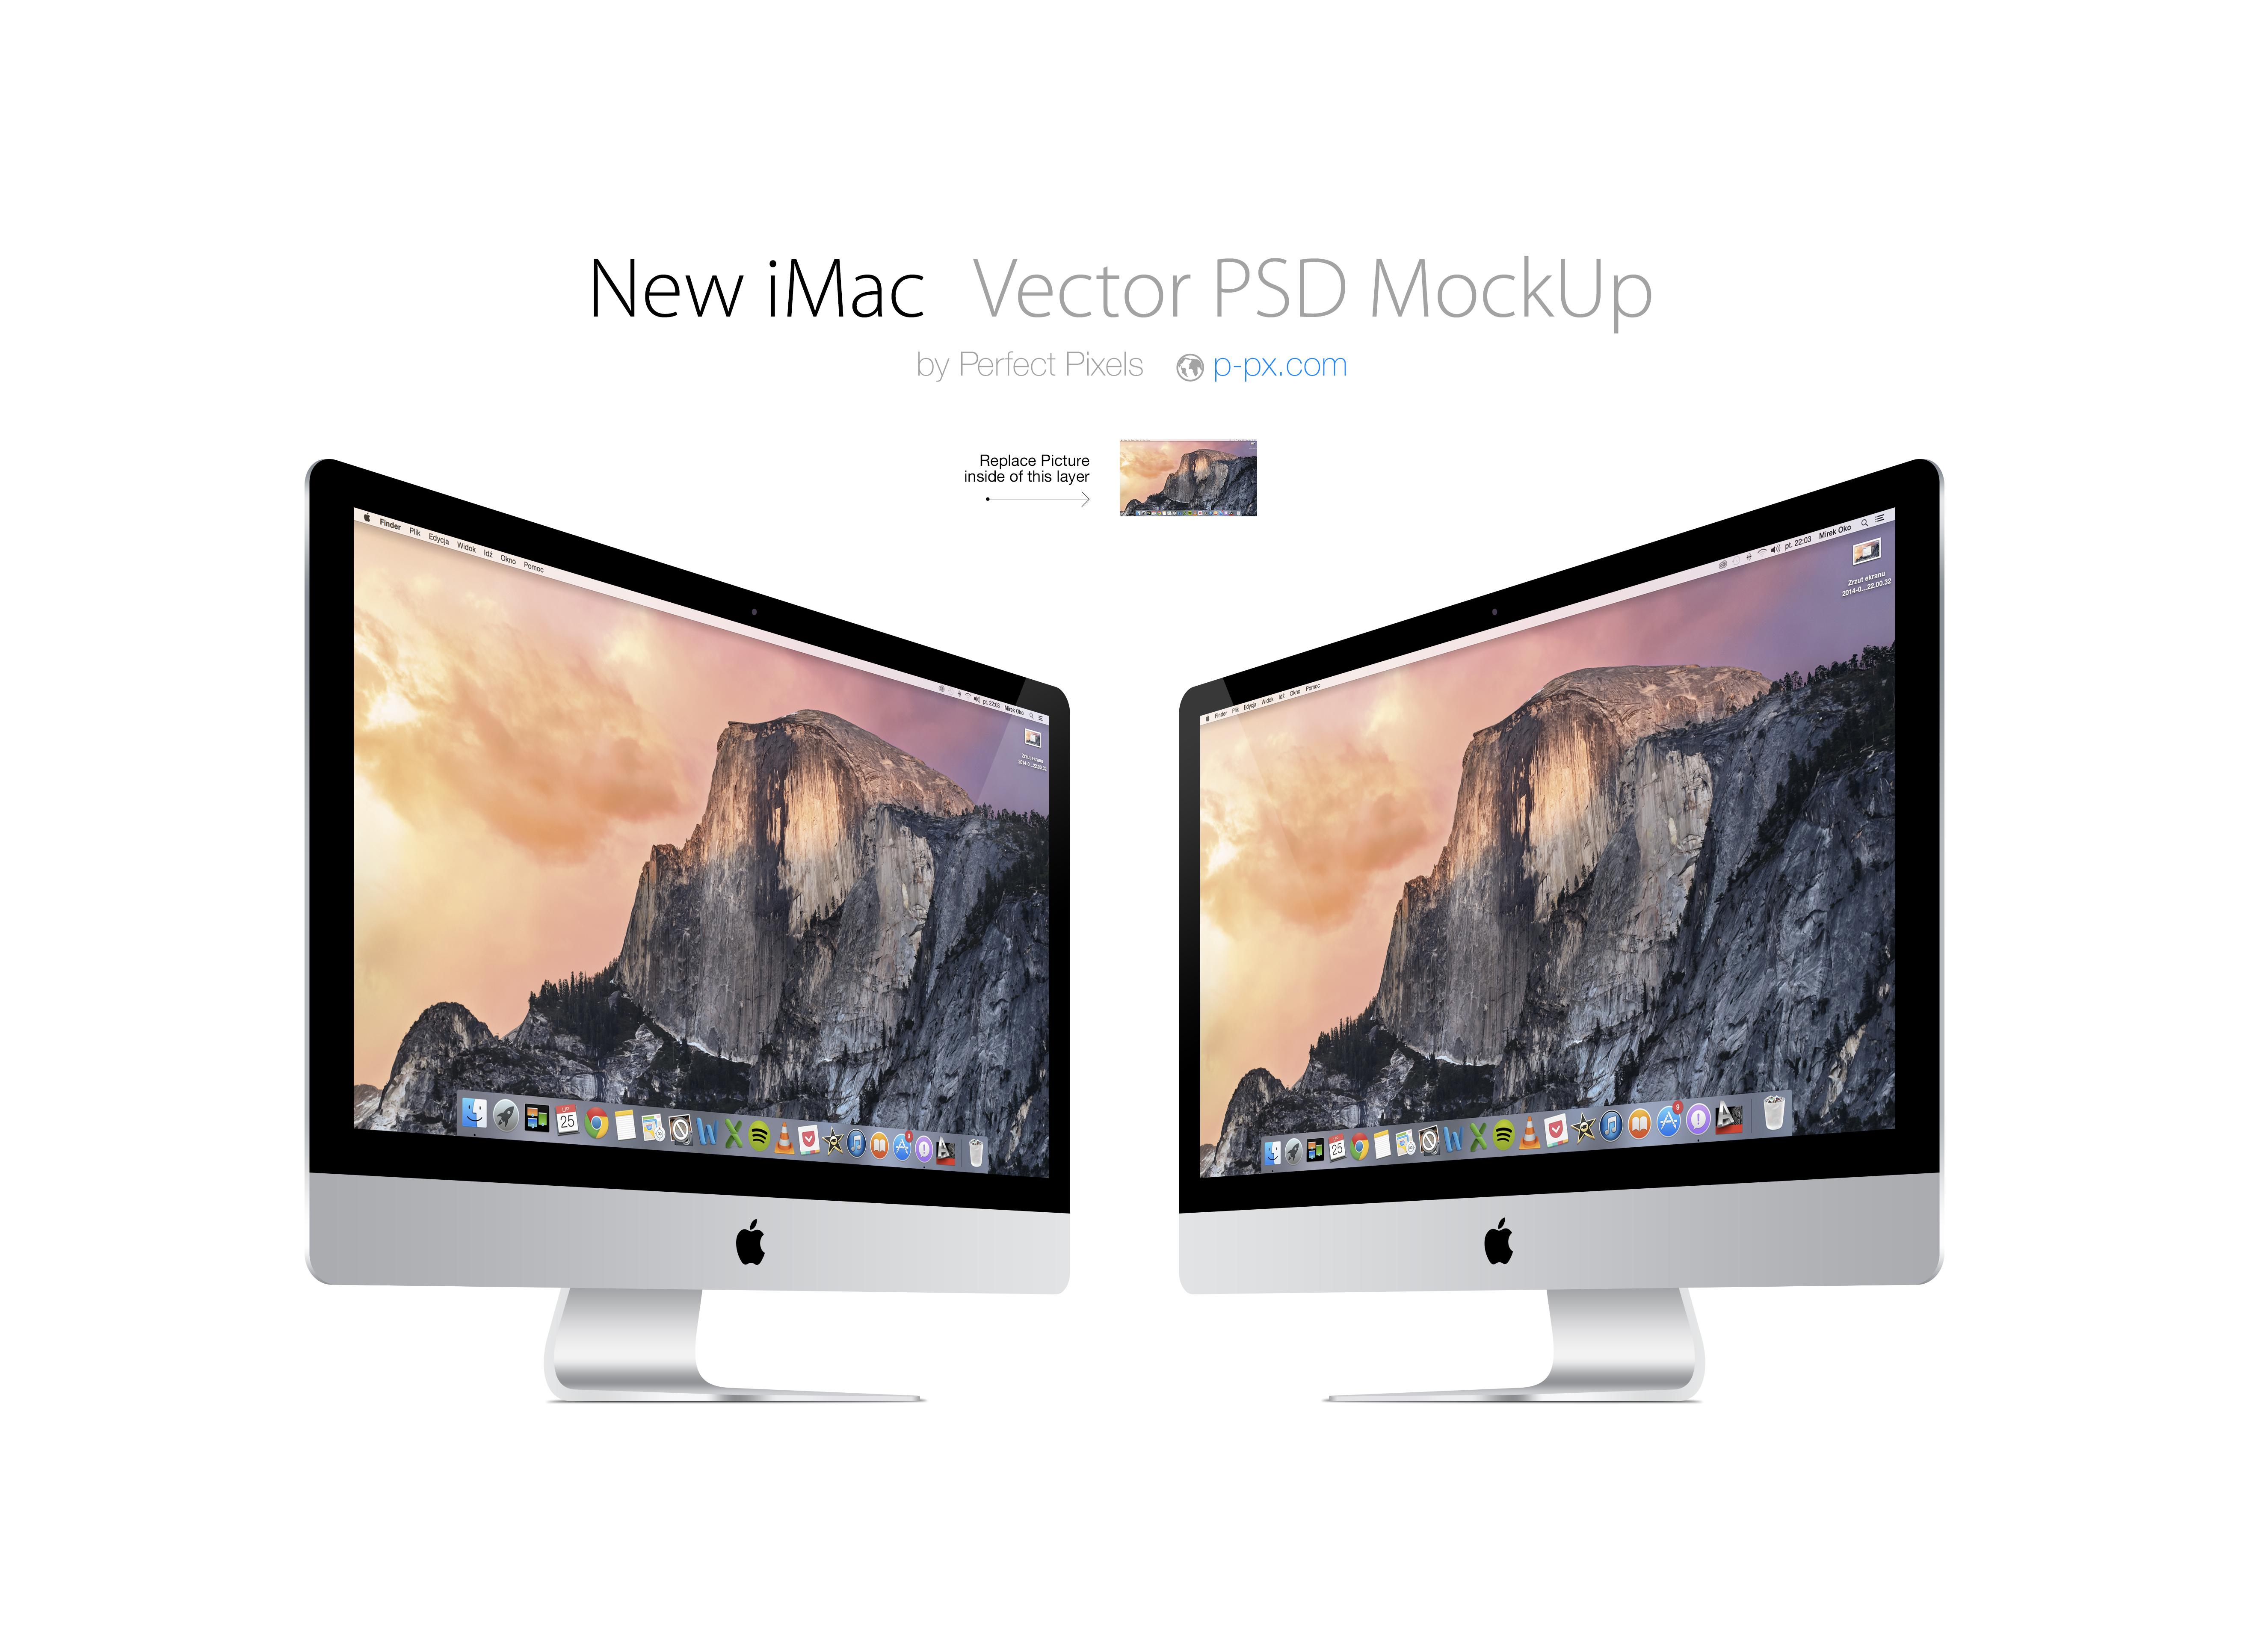 5258x3862 New Imac 34 Views Vector Psd Mockup. Perfect Pixels. Psd